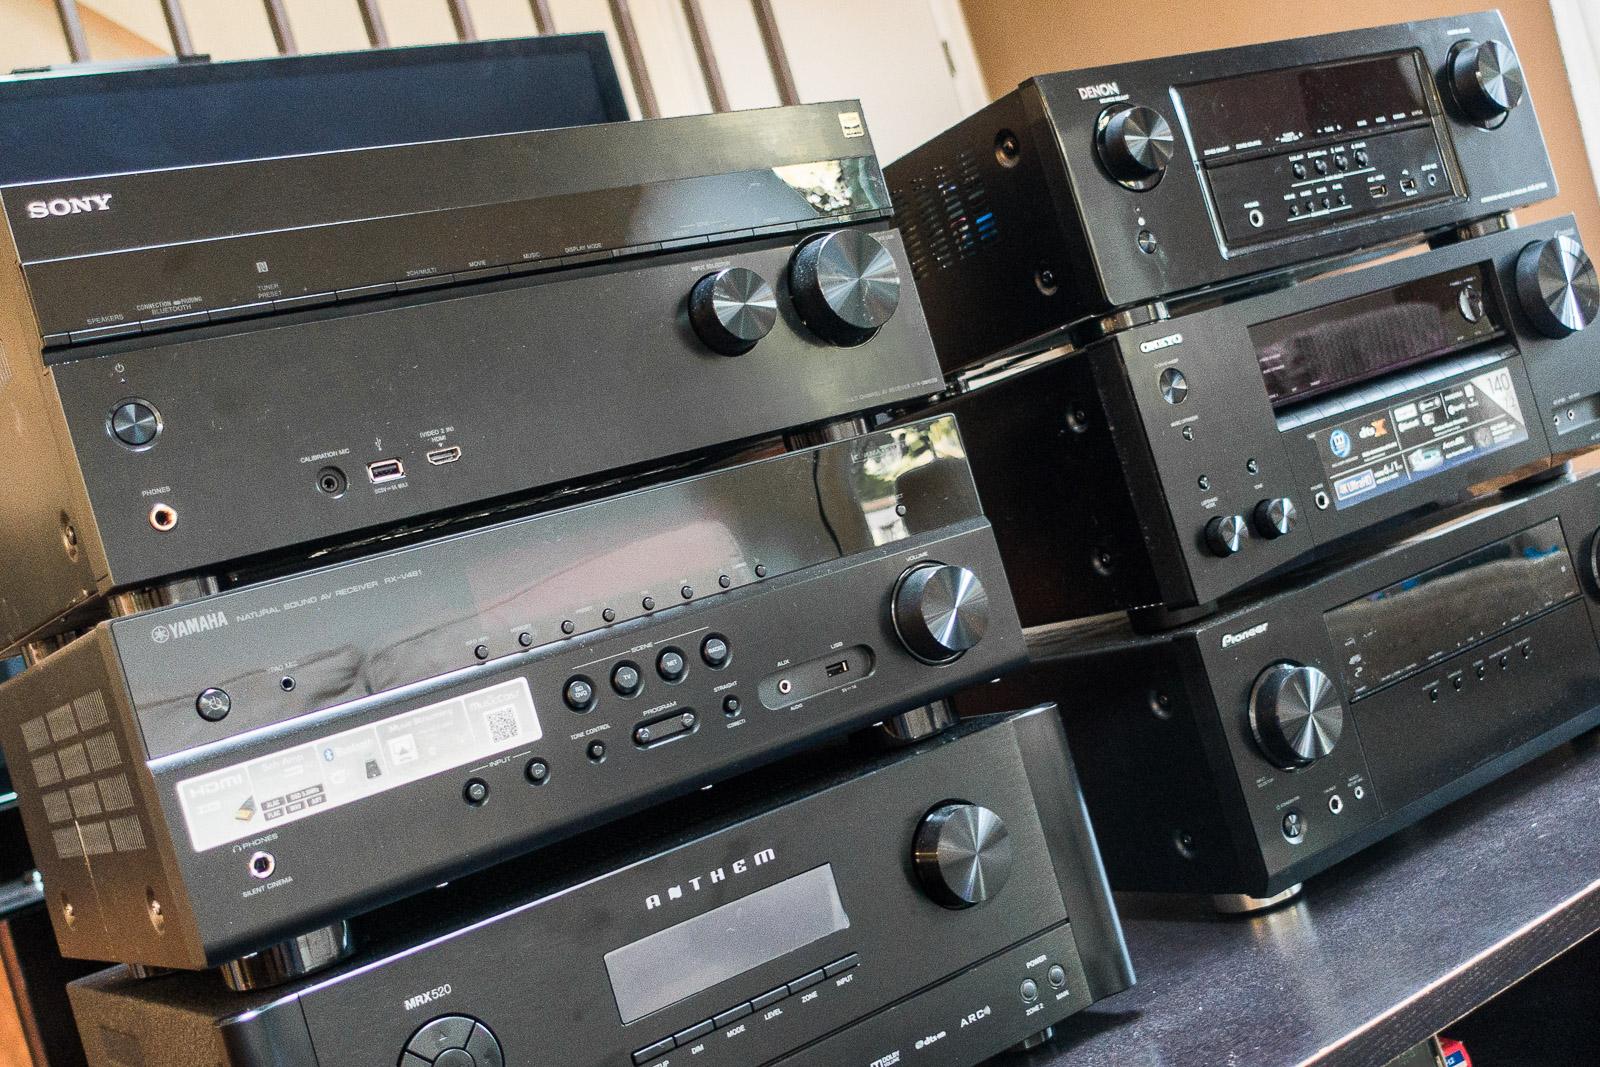 The best AV receiver